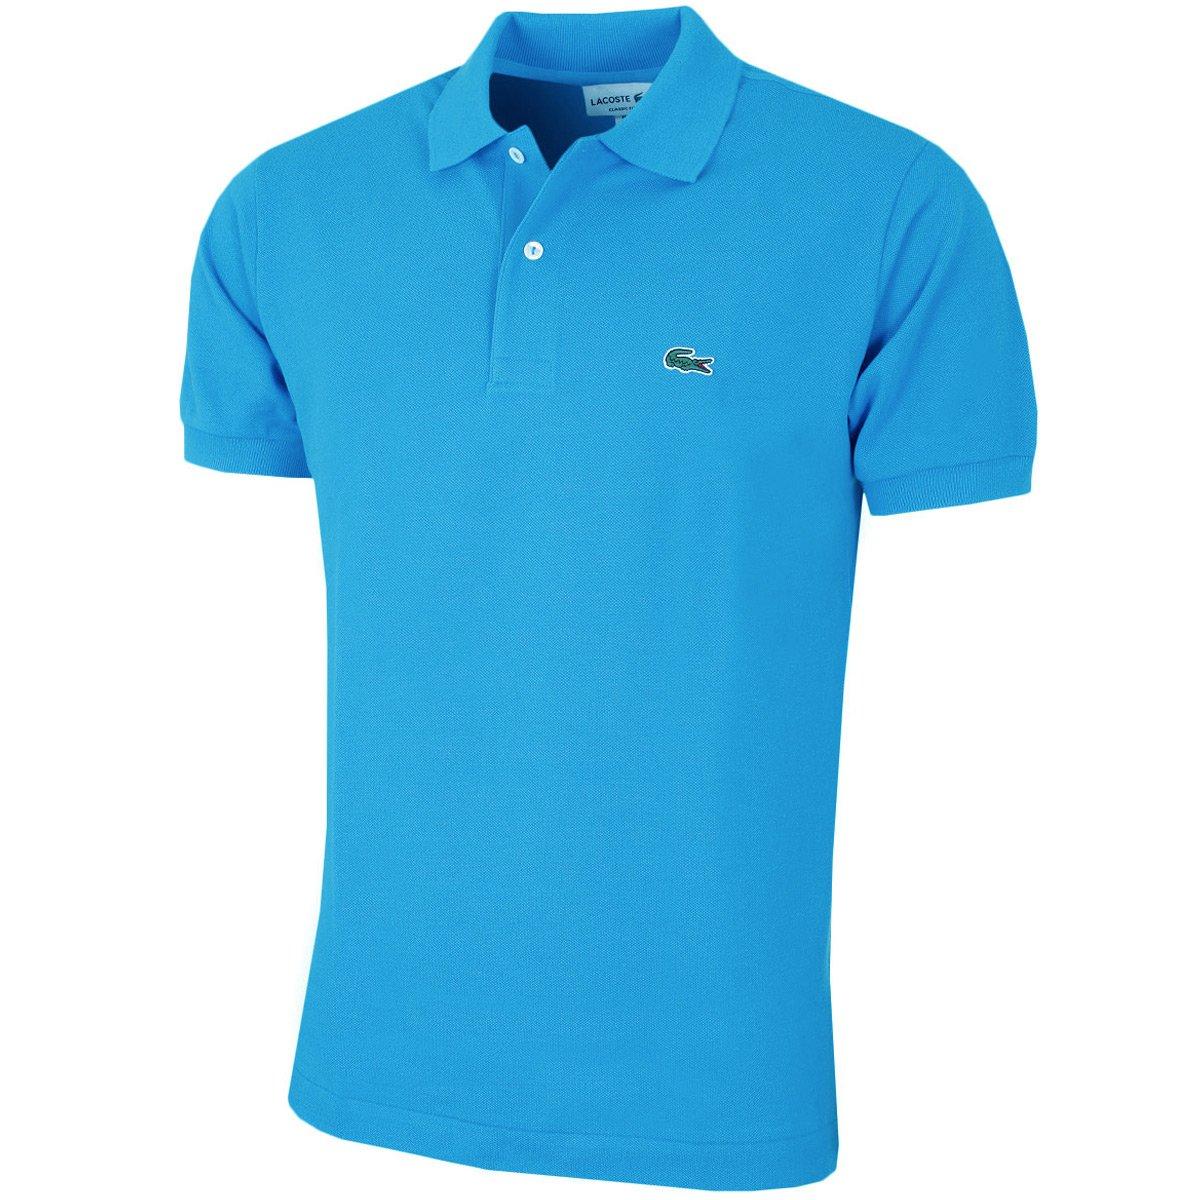 Bestseller einkaufen schön billig neue Stile Lacoste Yh4801 Herren Poloshirt In Slim Fit   Toffee Art